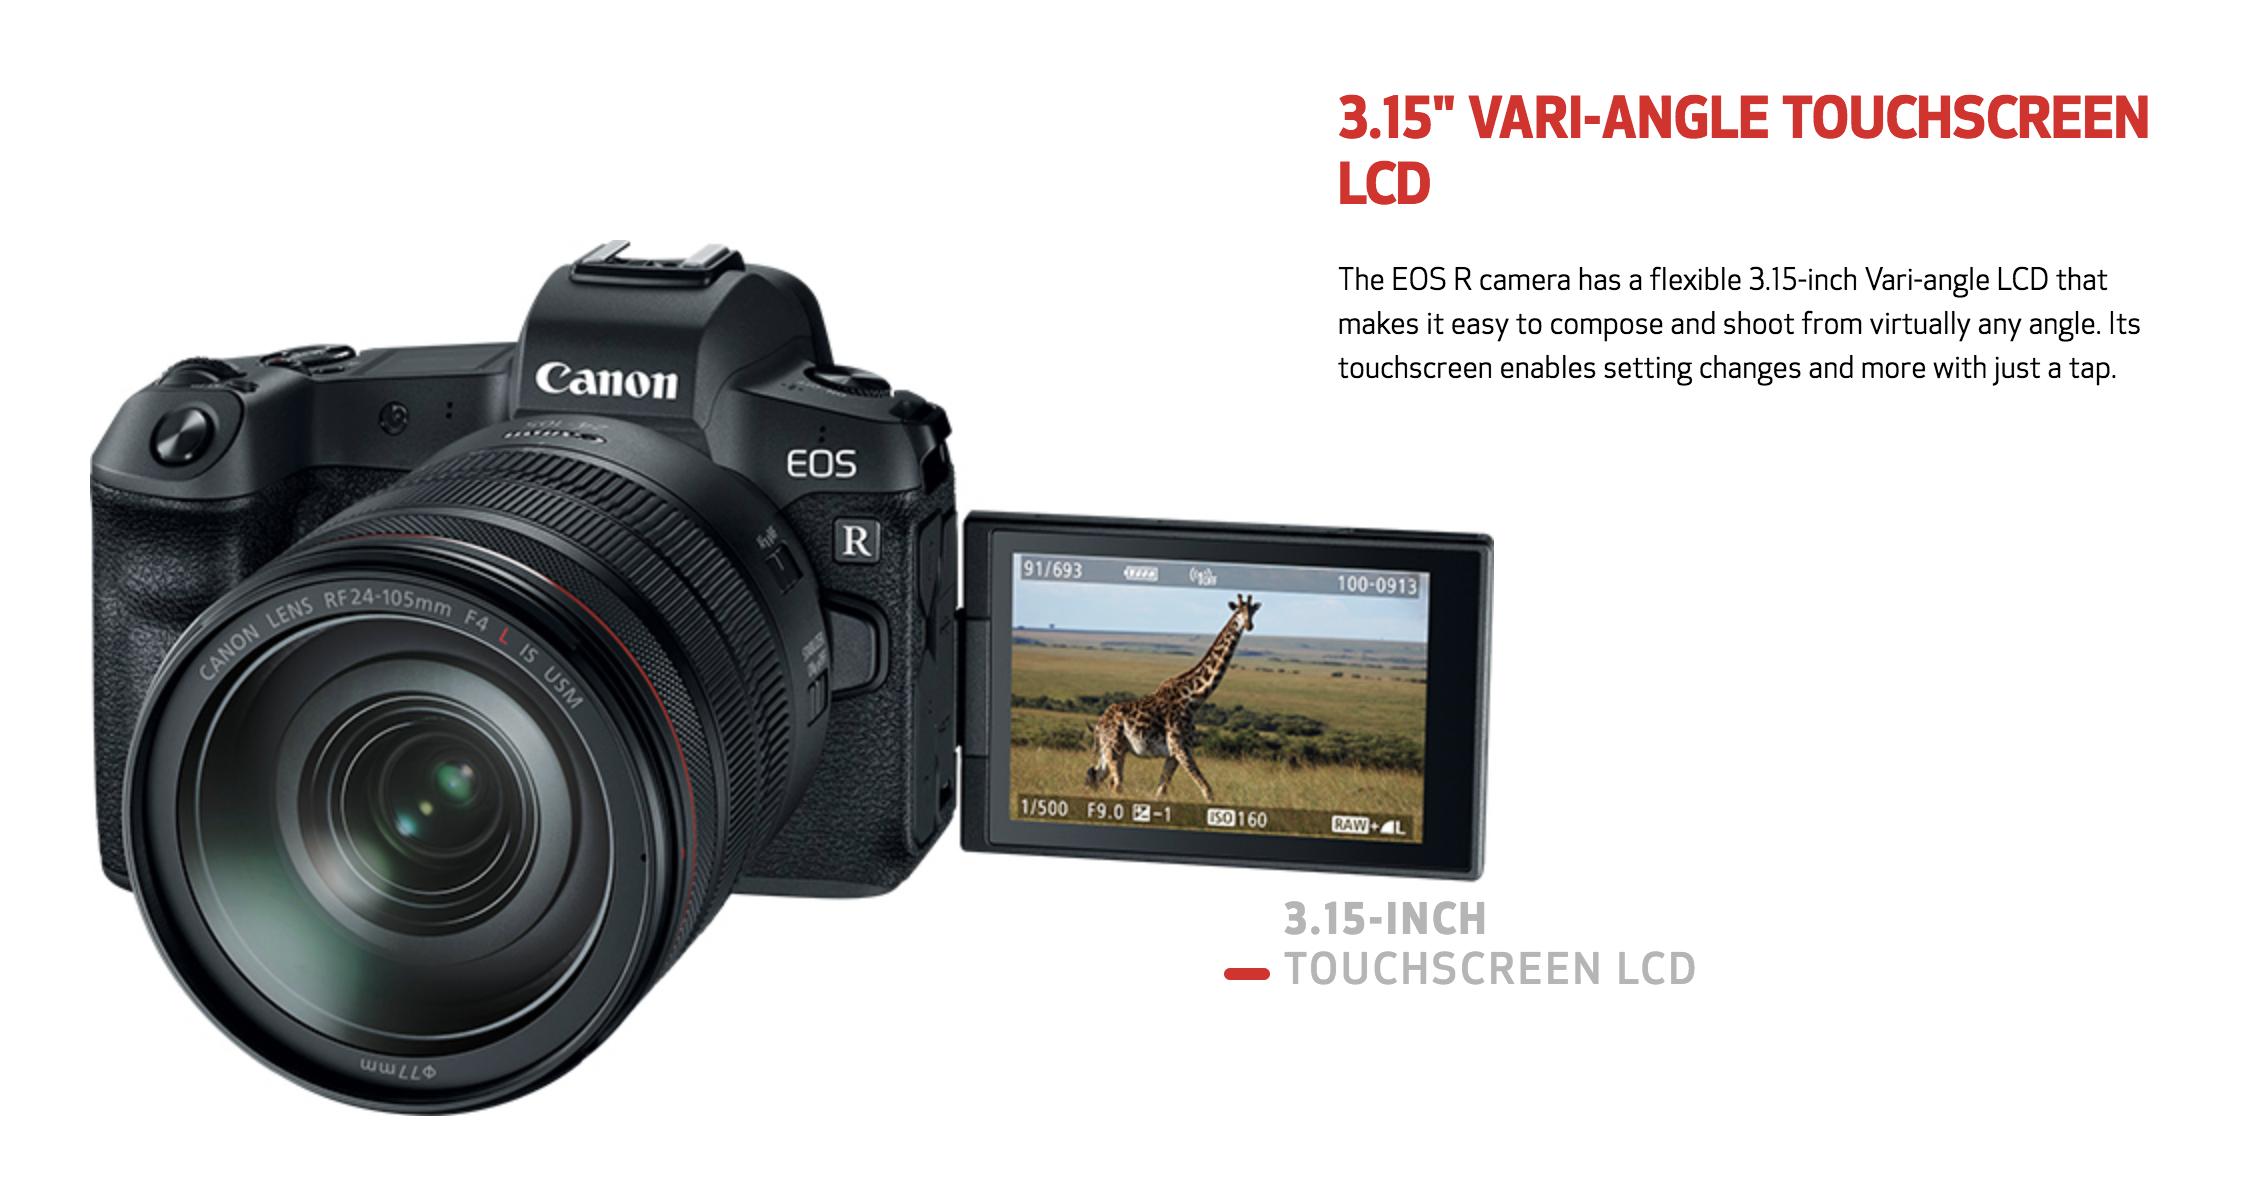 canon eos r touchscreen lcd